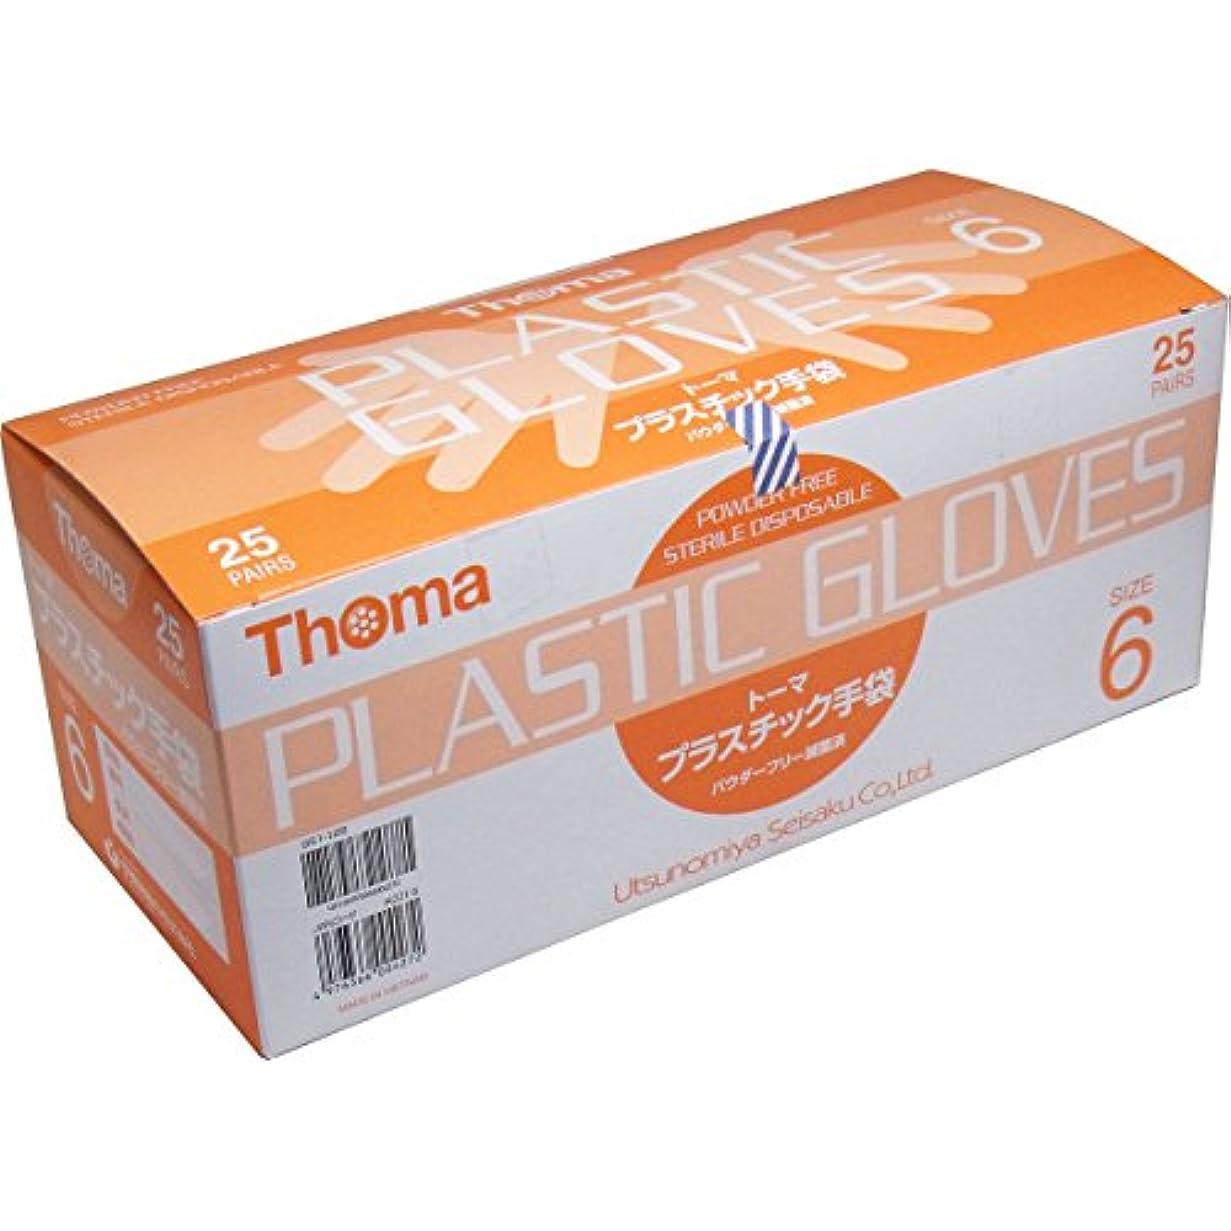 ブームマネージャー砂利超薄手プラスチック手袋 超薄手仕上げ 使いやすい トーマ プラスチック手袋 パウダーフリー滅菌済 25双入 サイズ6【4個セット】